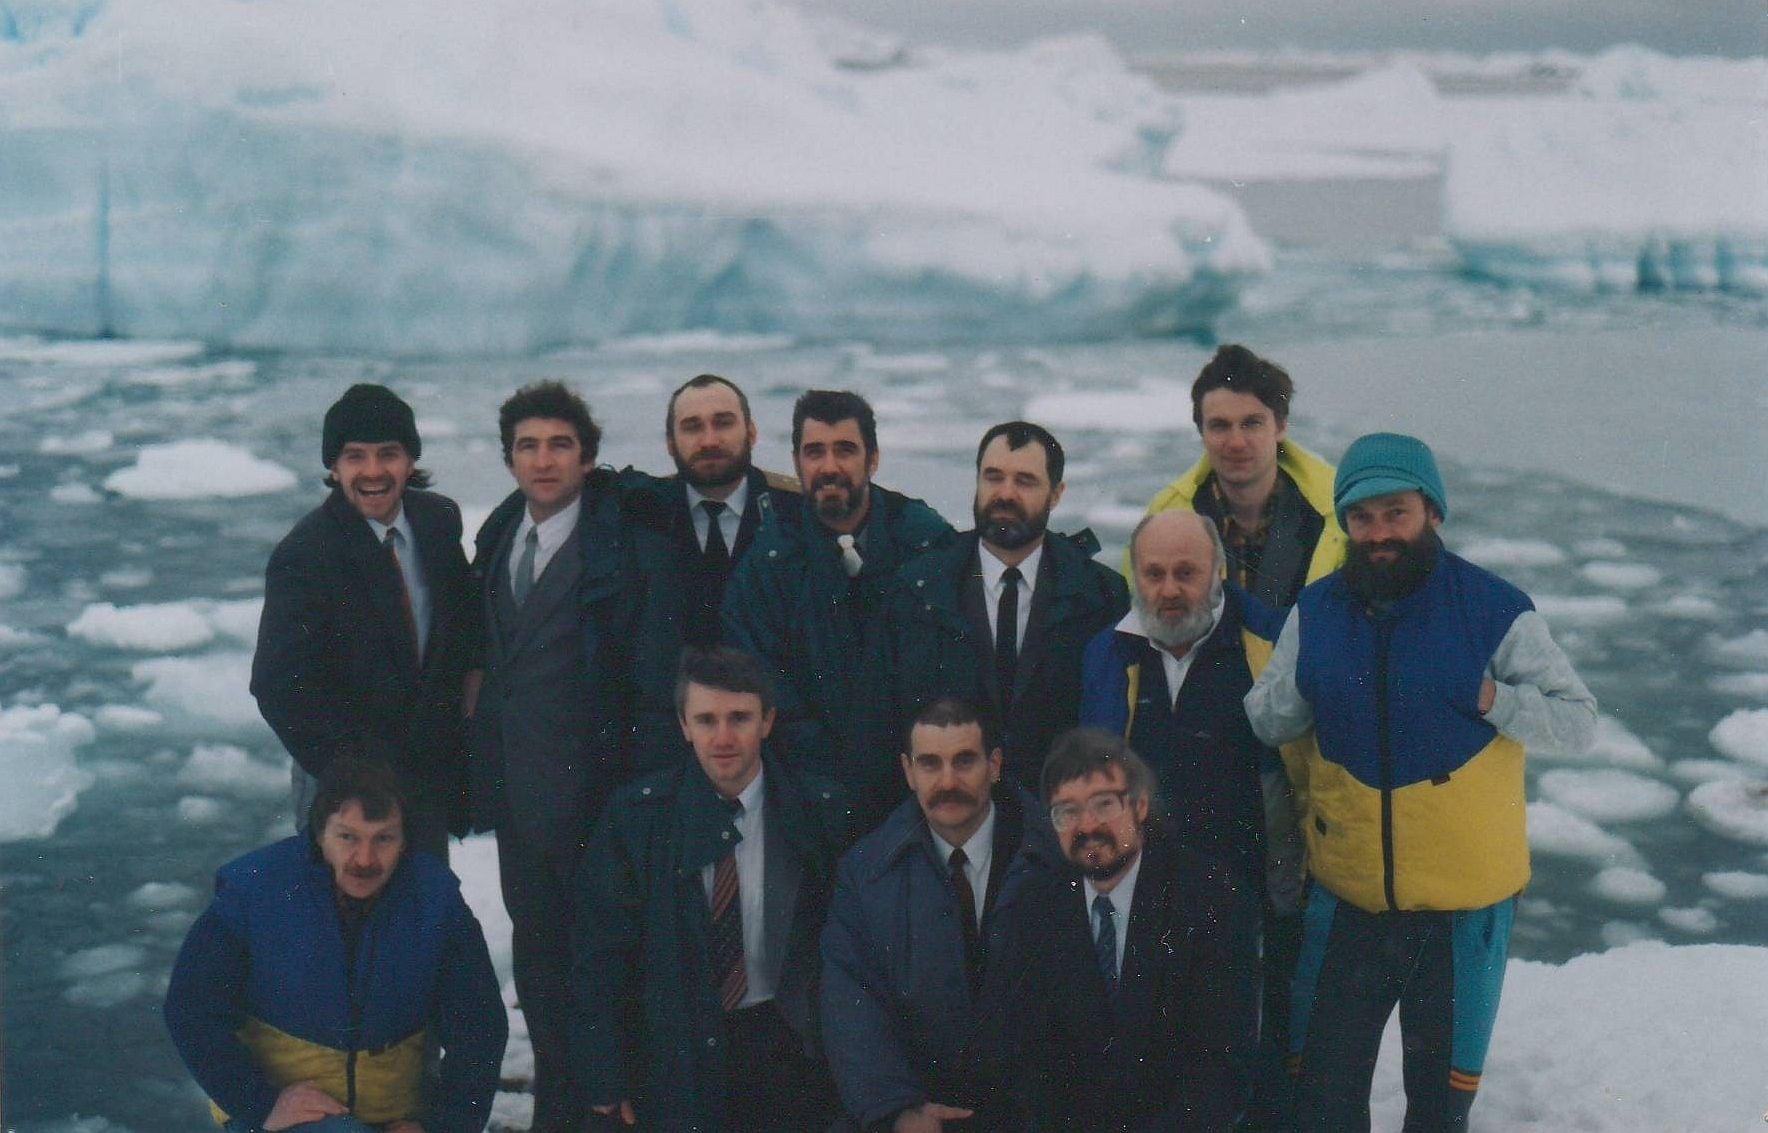 Група людей, які позують для фото